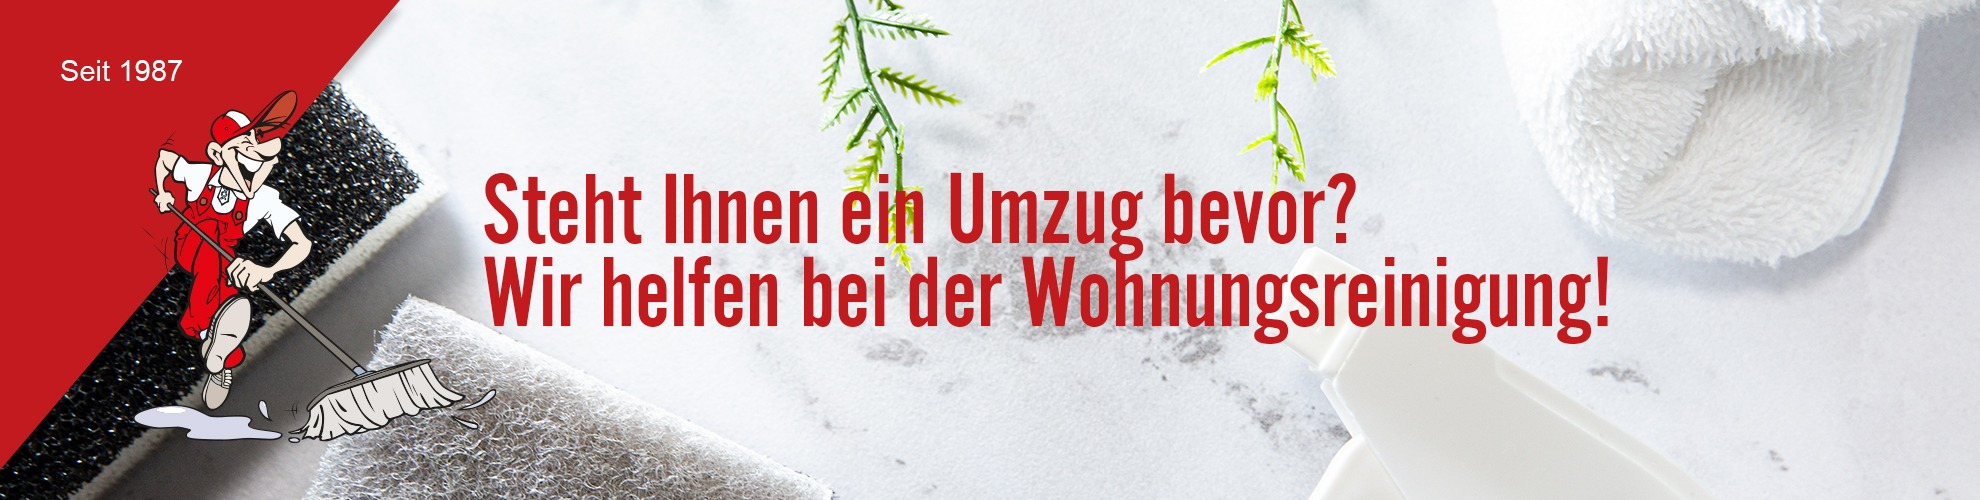 https://abcreinigung-zh.ch/wohnungsreinigung